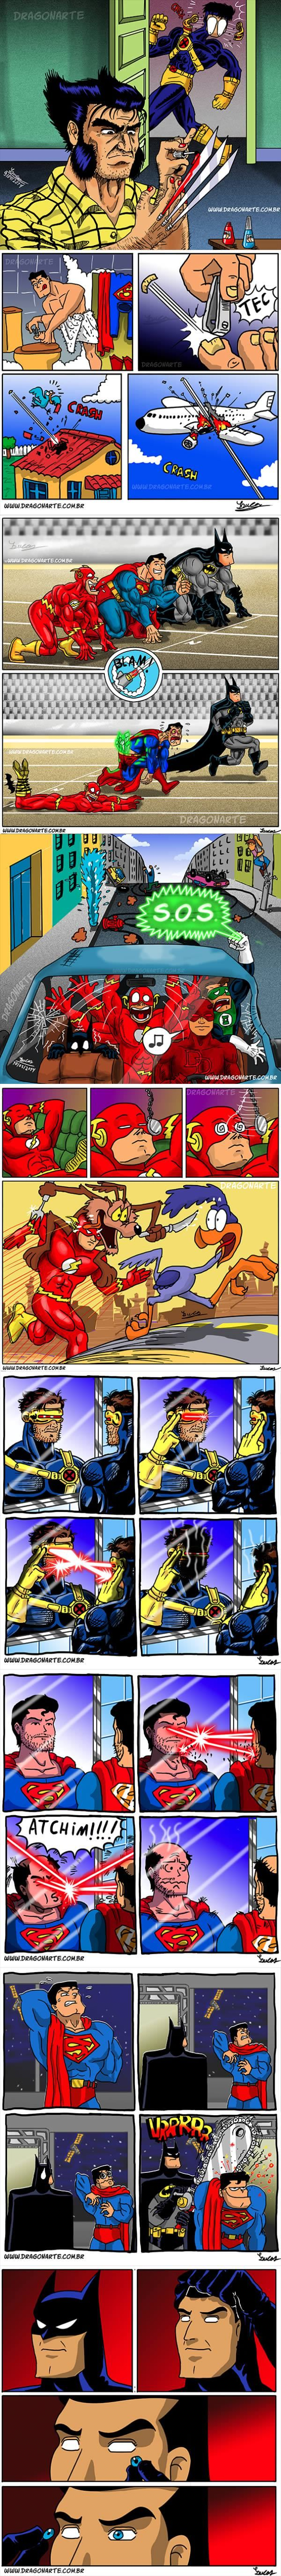 Short funny DC comics